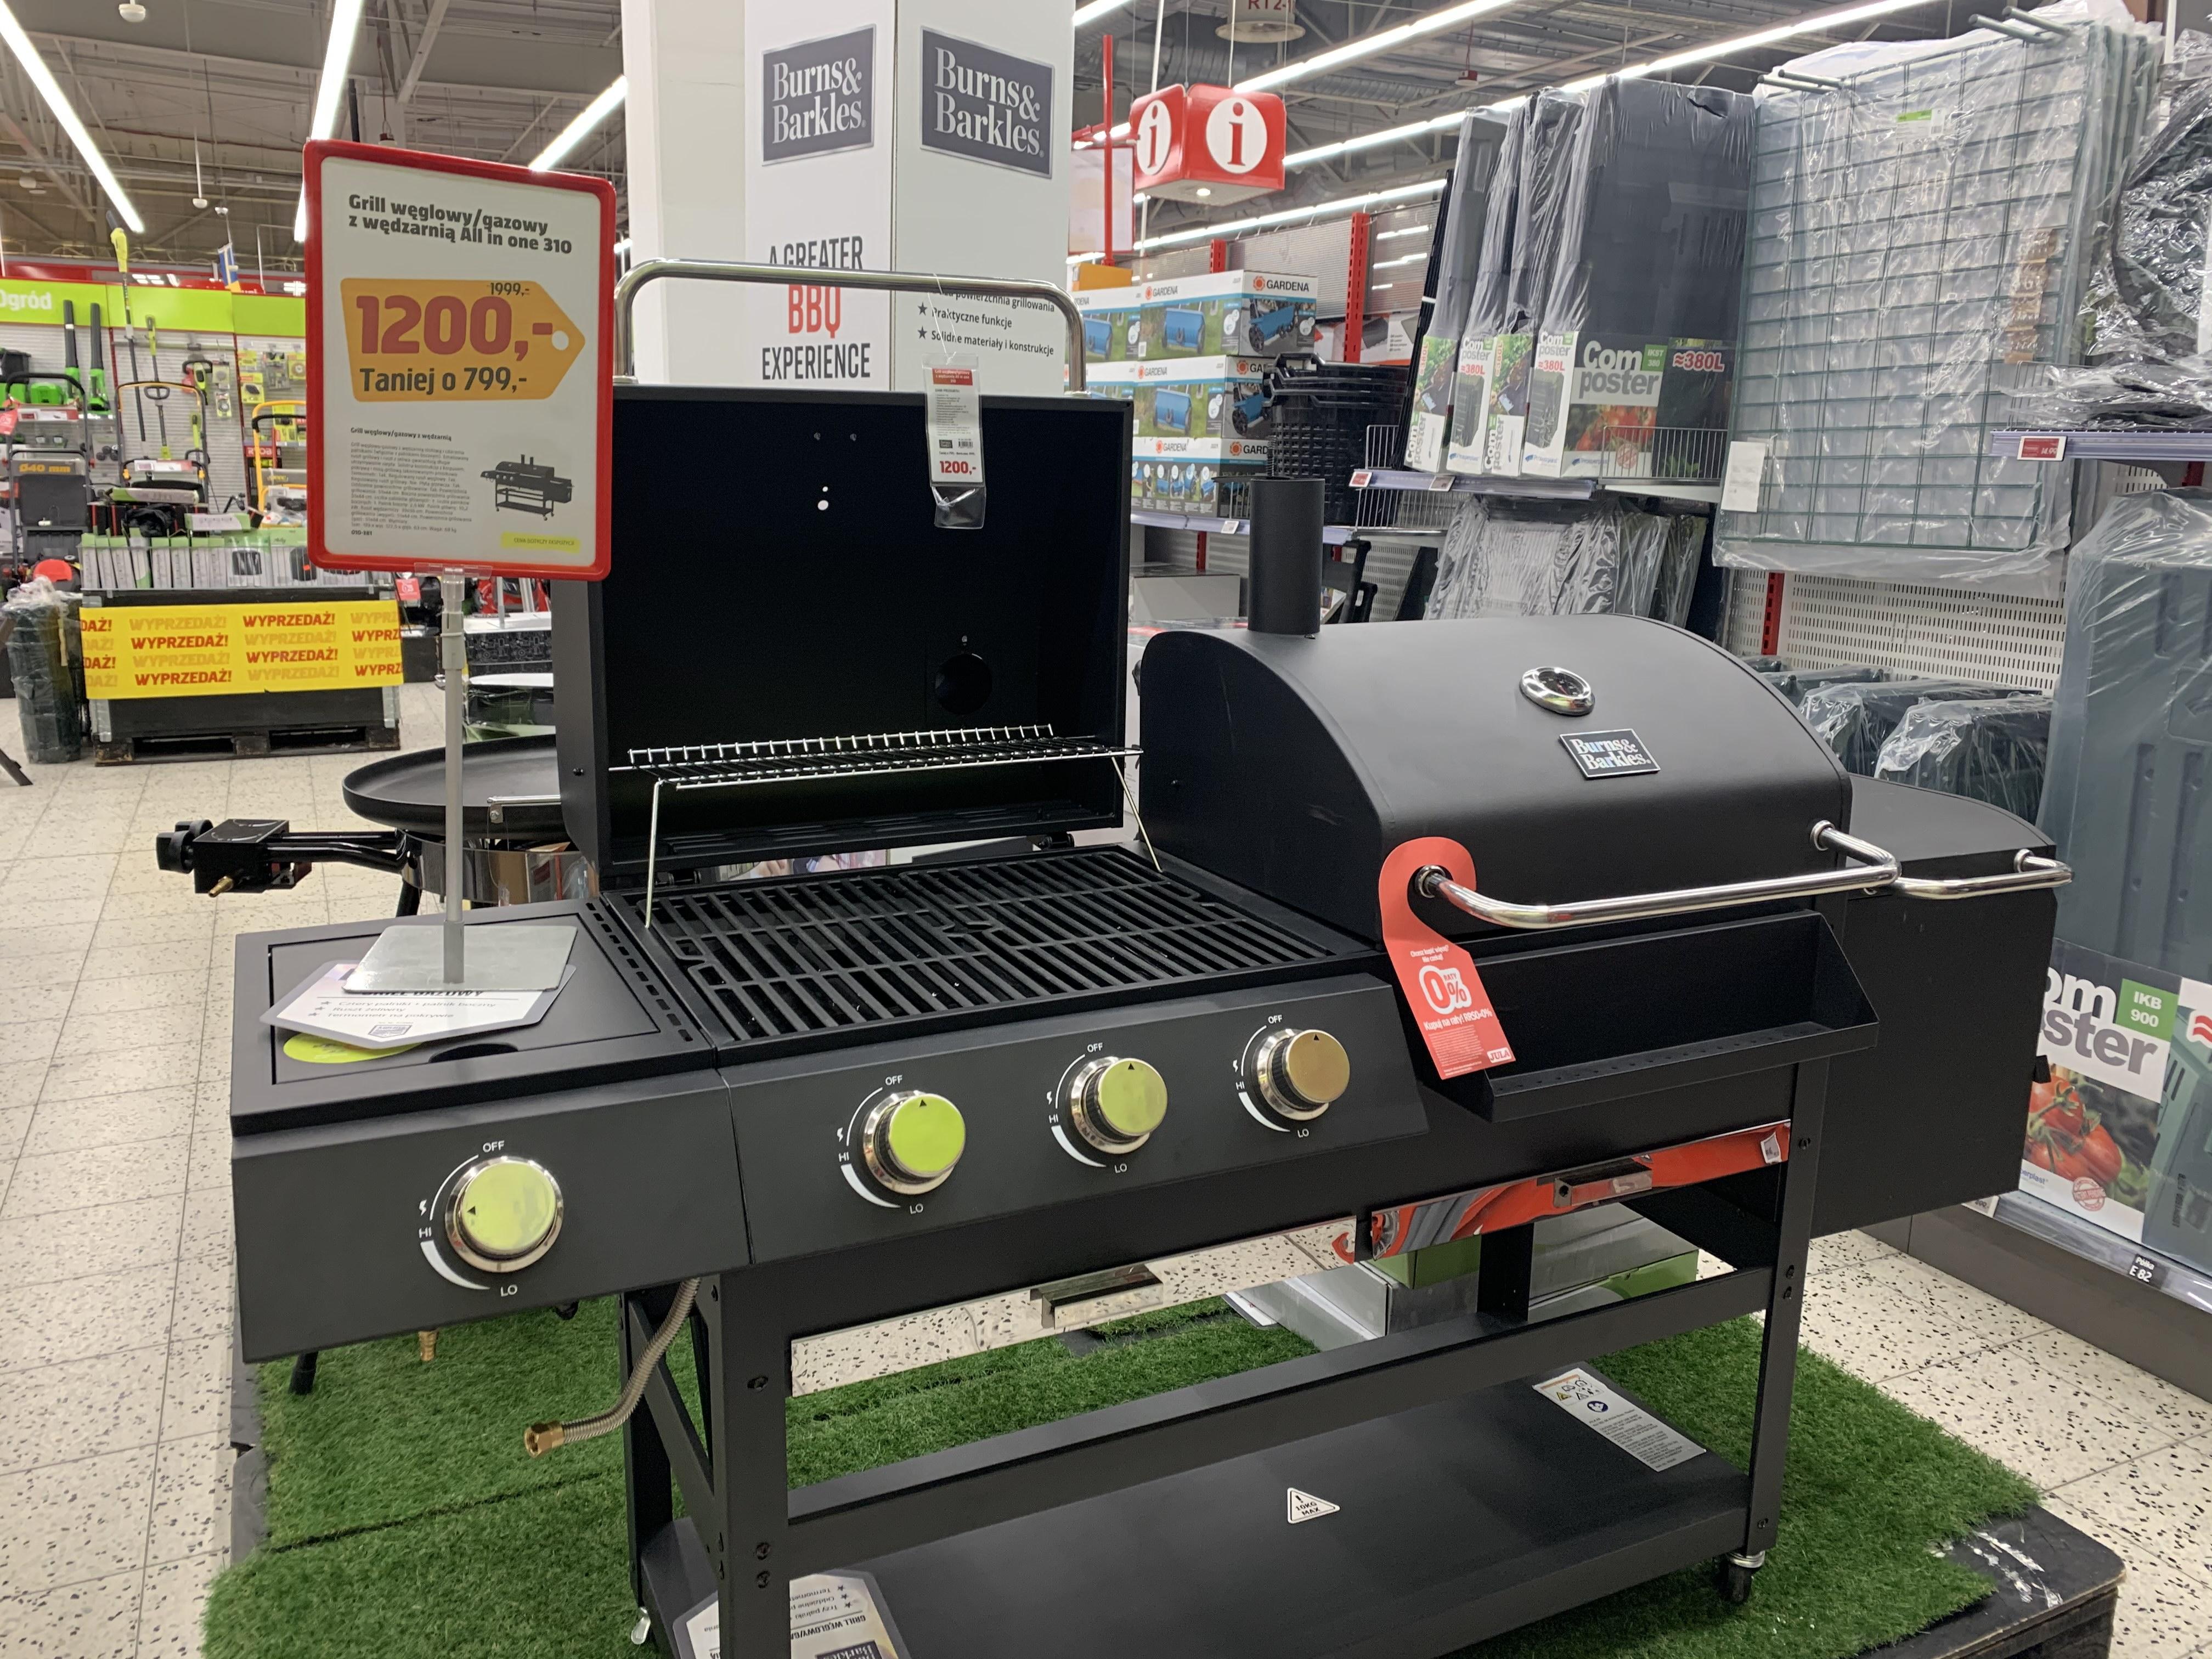 Grill węglowo/gazowy z wędzarnia All in One 310